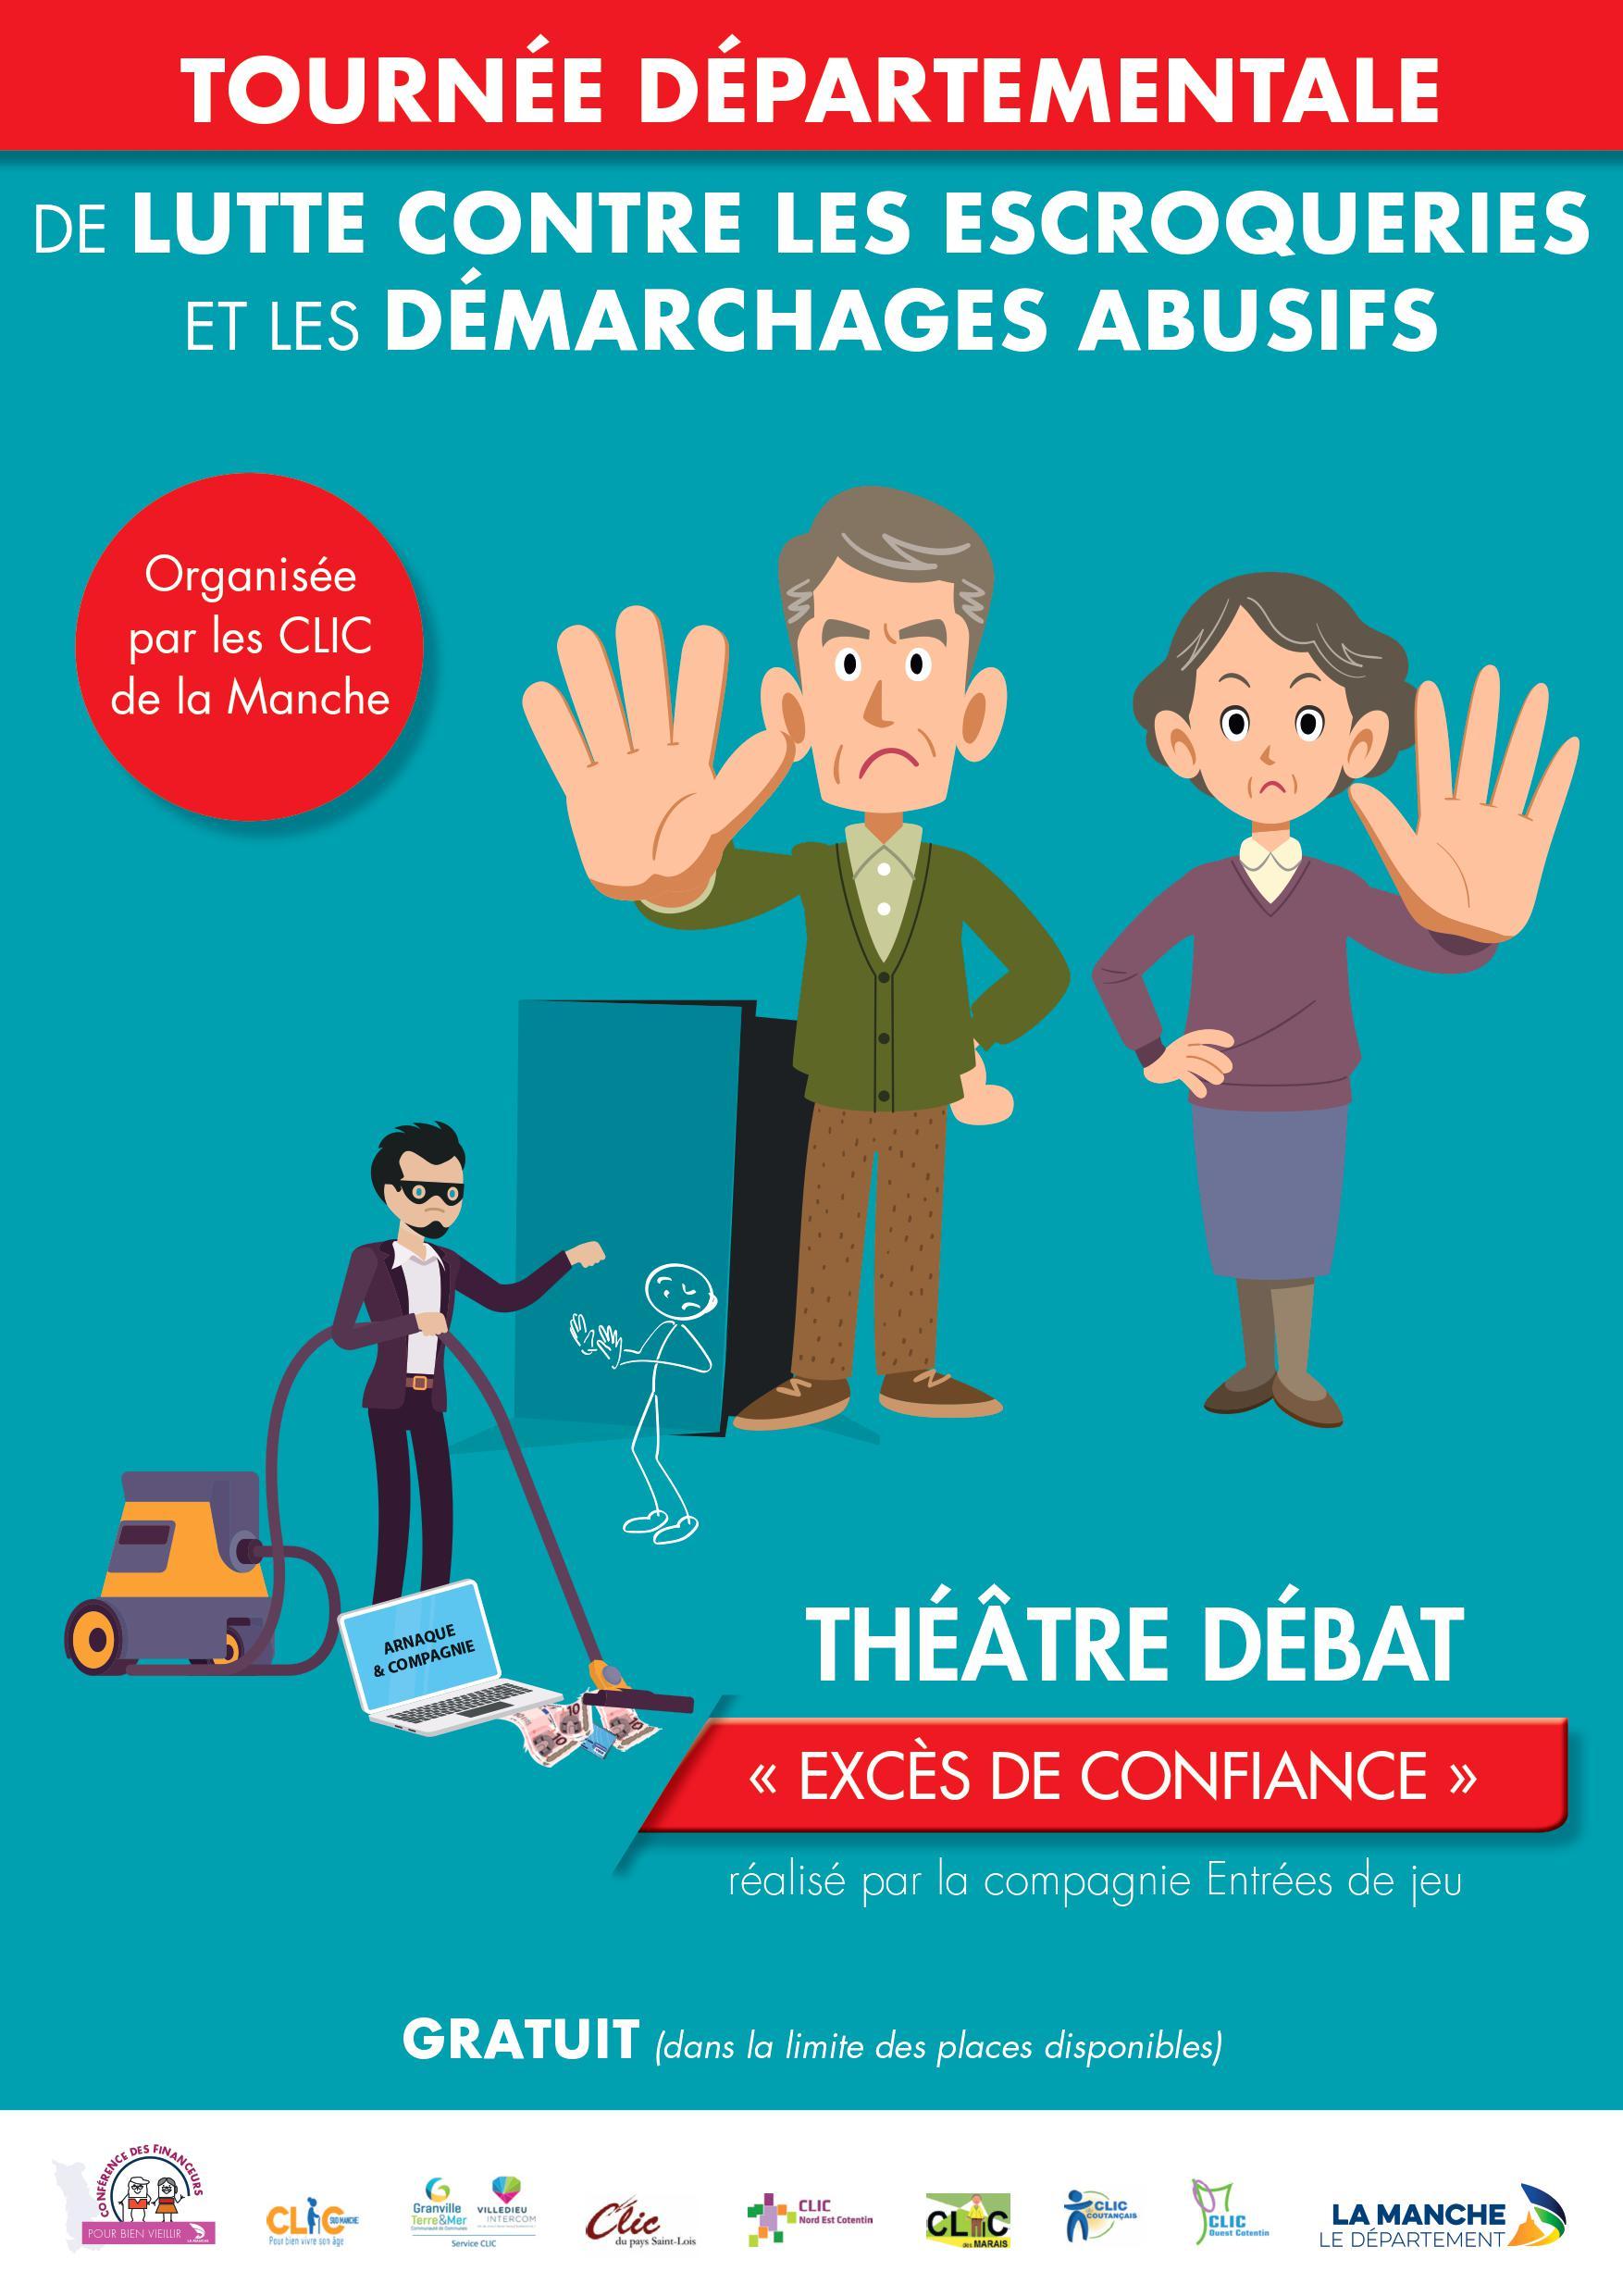 Théatre-Débat : STOP AUX ESCROQUERIES!